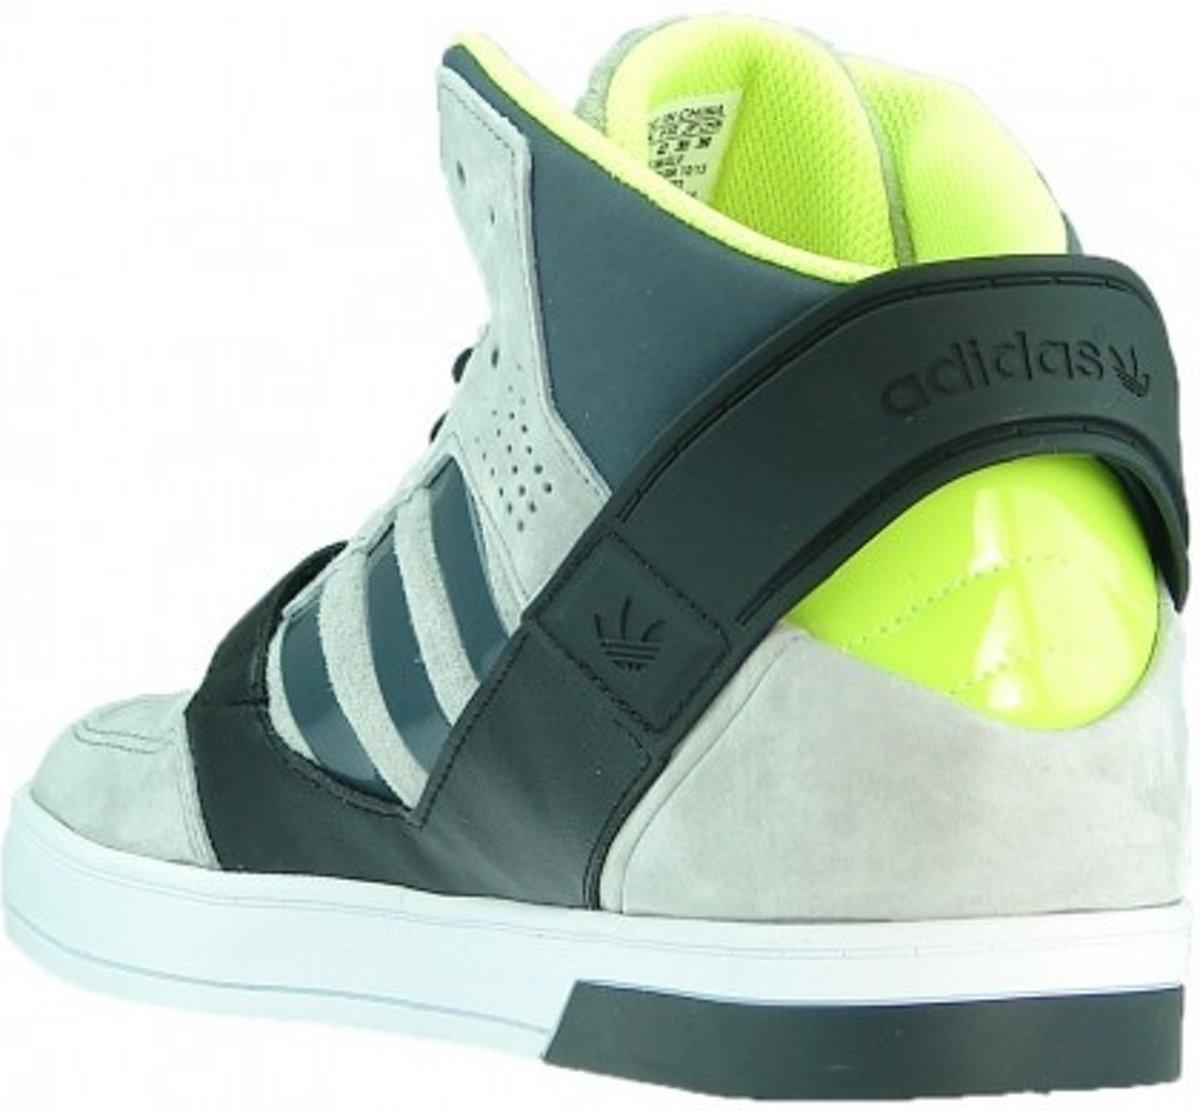 Adidas Originals Espadrilles Hommes Défenseur Hardcourt Taille 40 2/3 QtM8ht5